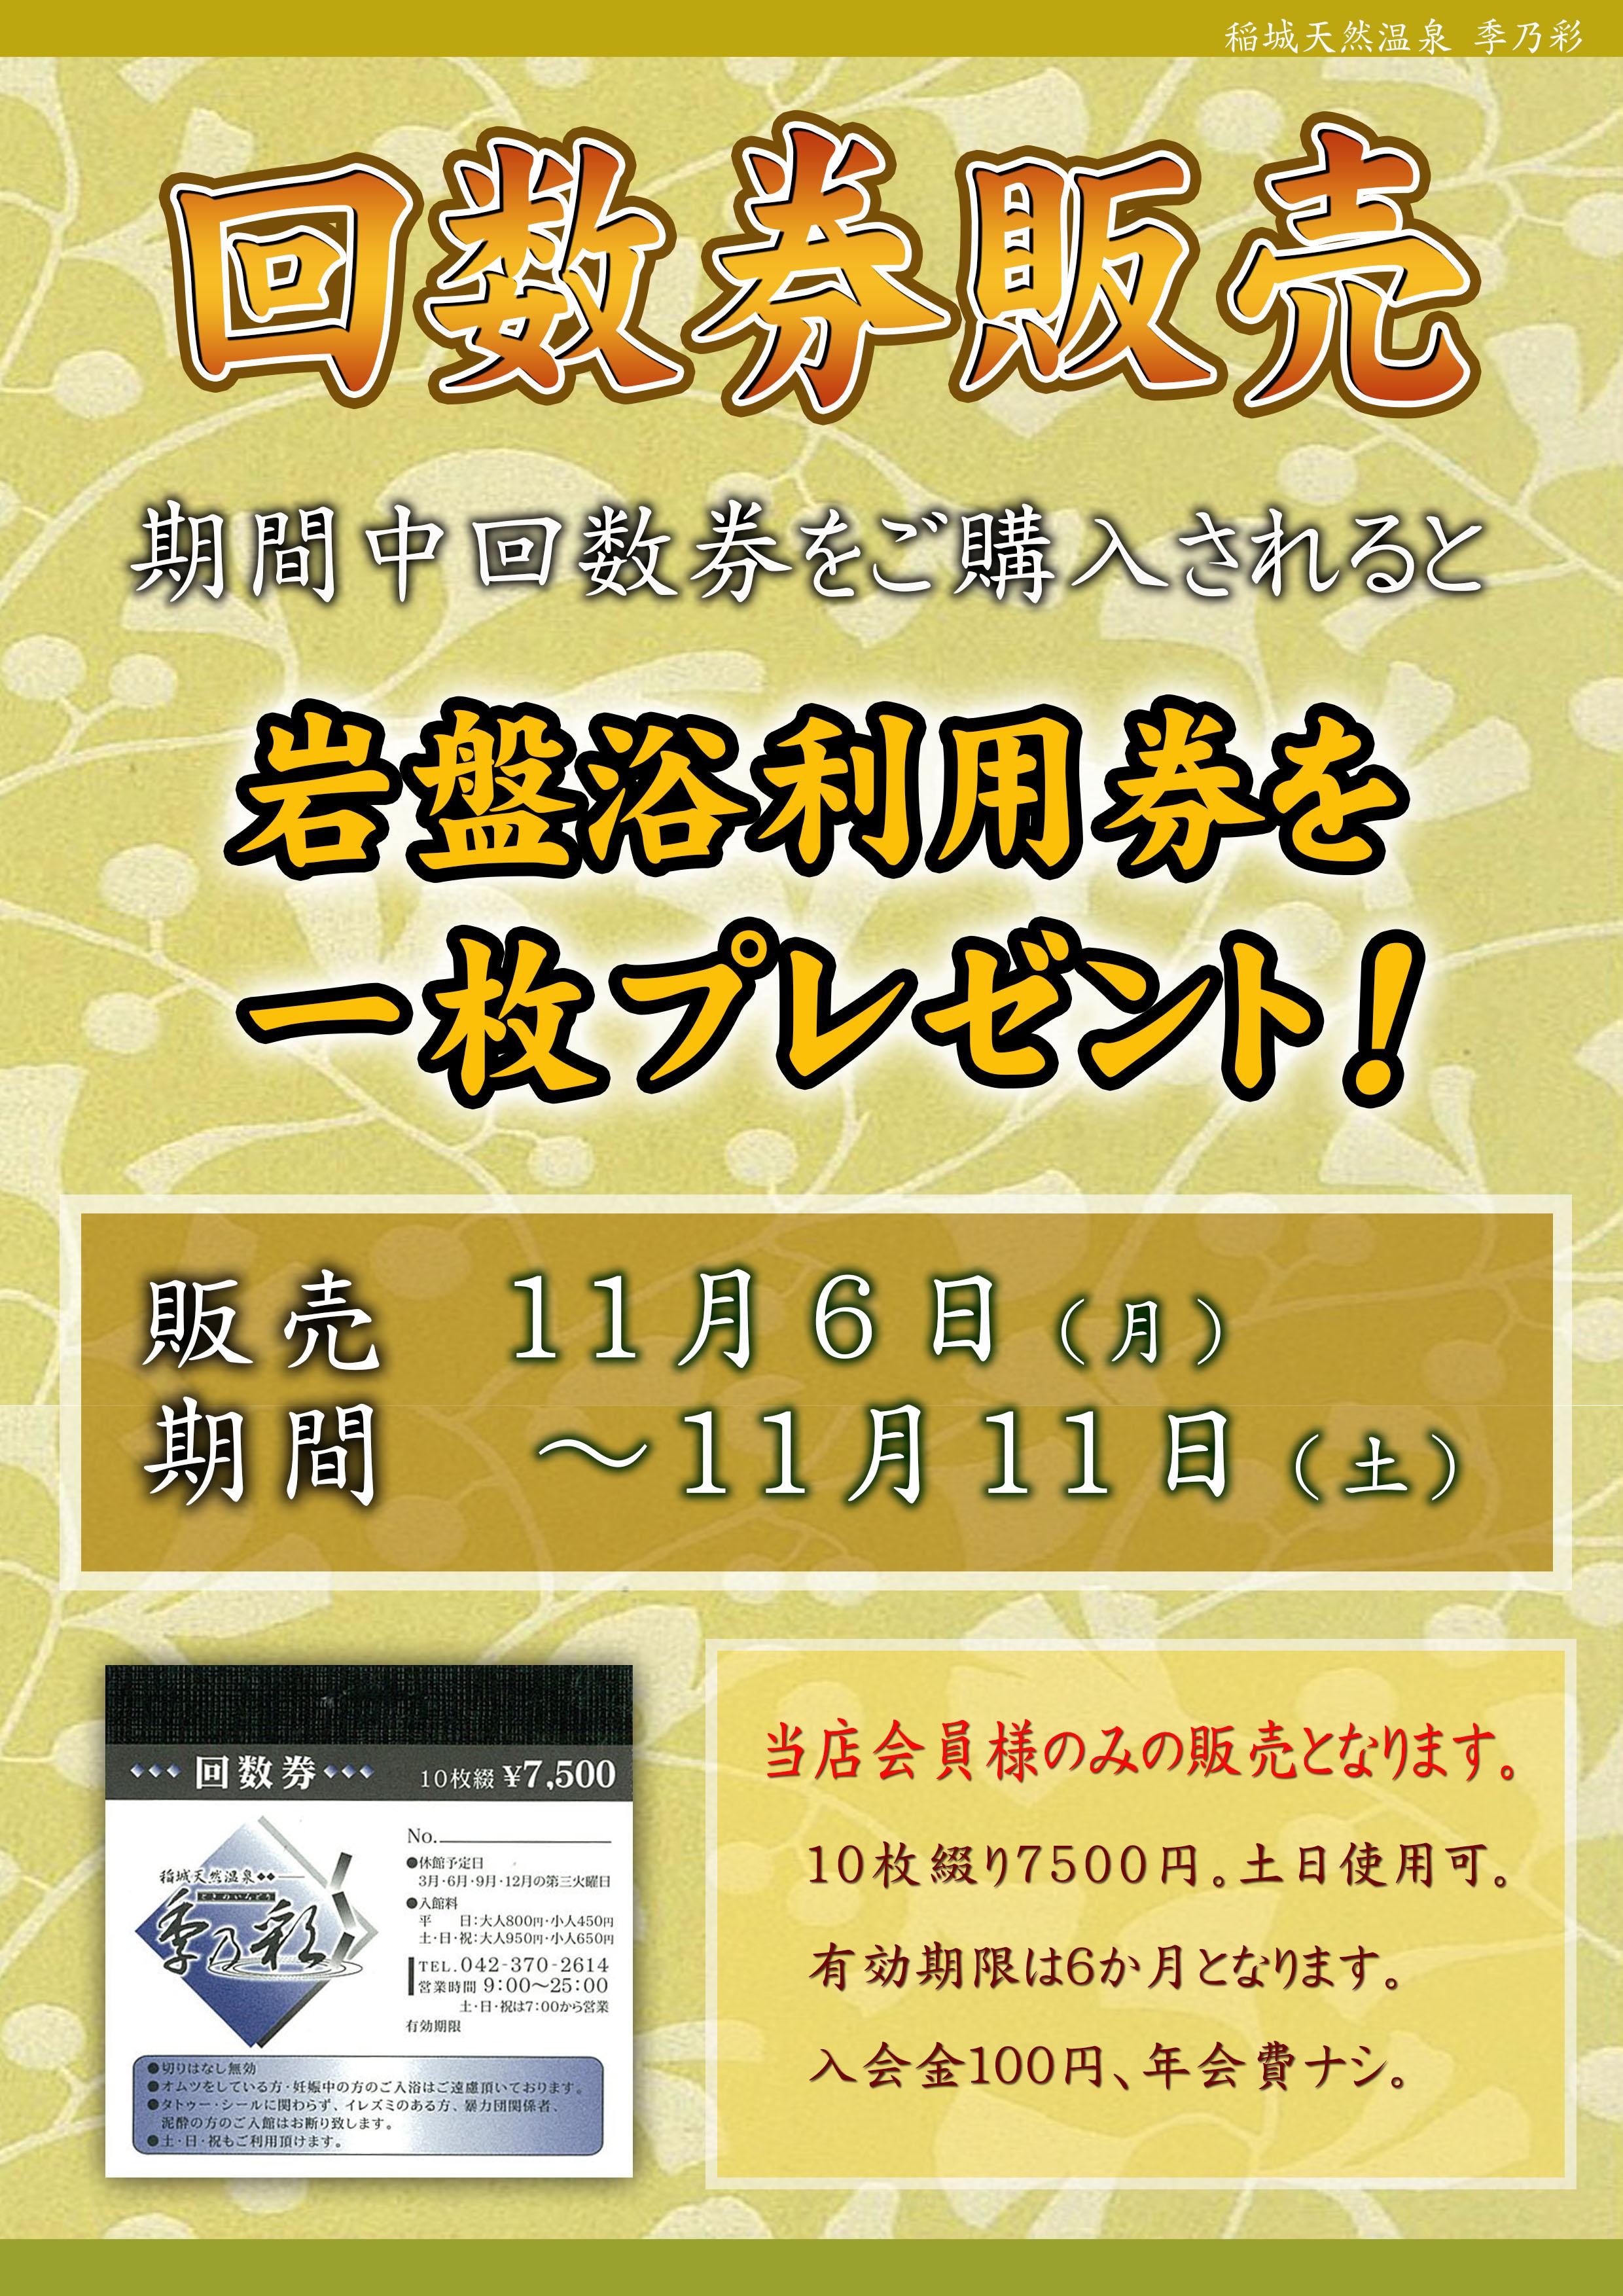 POP イベント 回数券特売 岩盤浴券付与【入会100円】11月_1